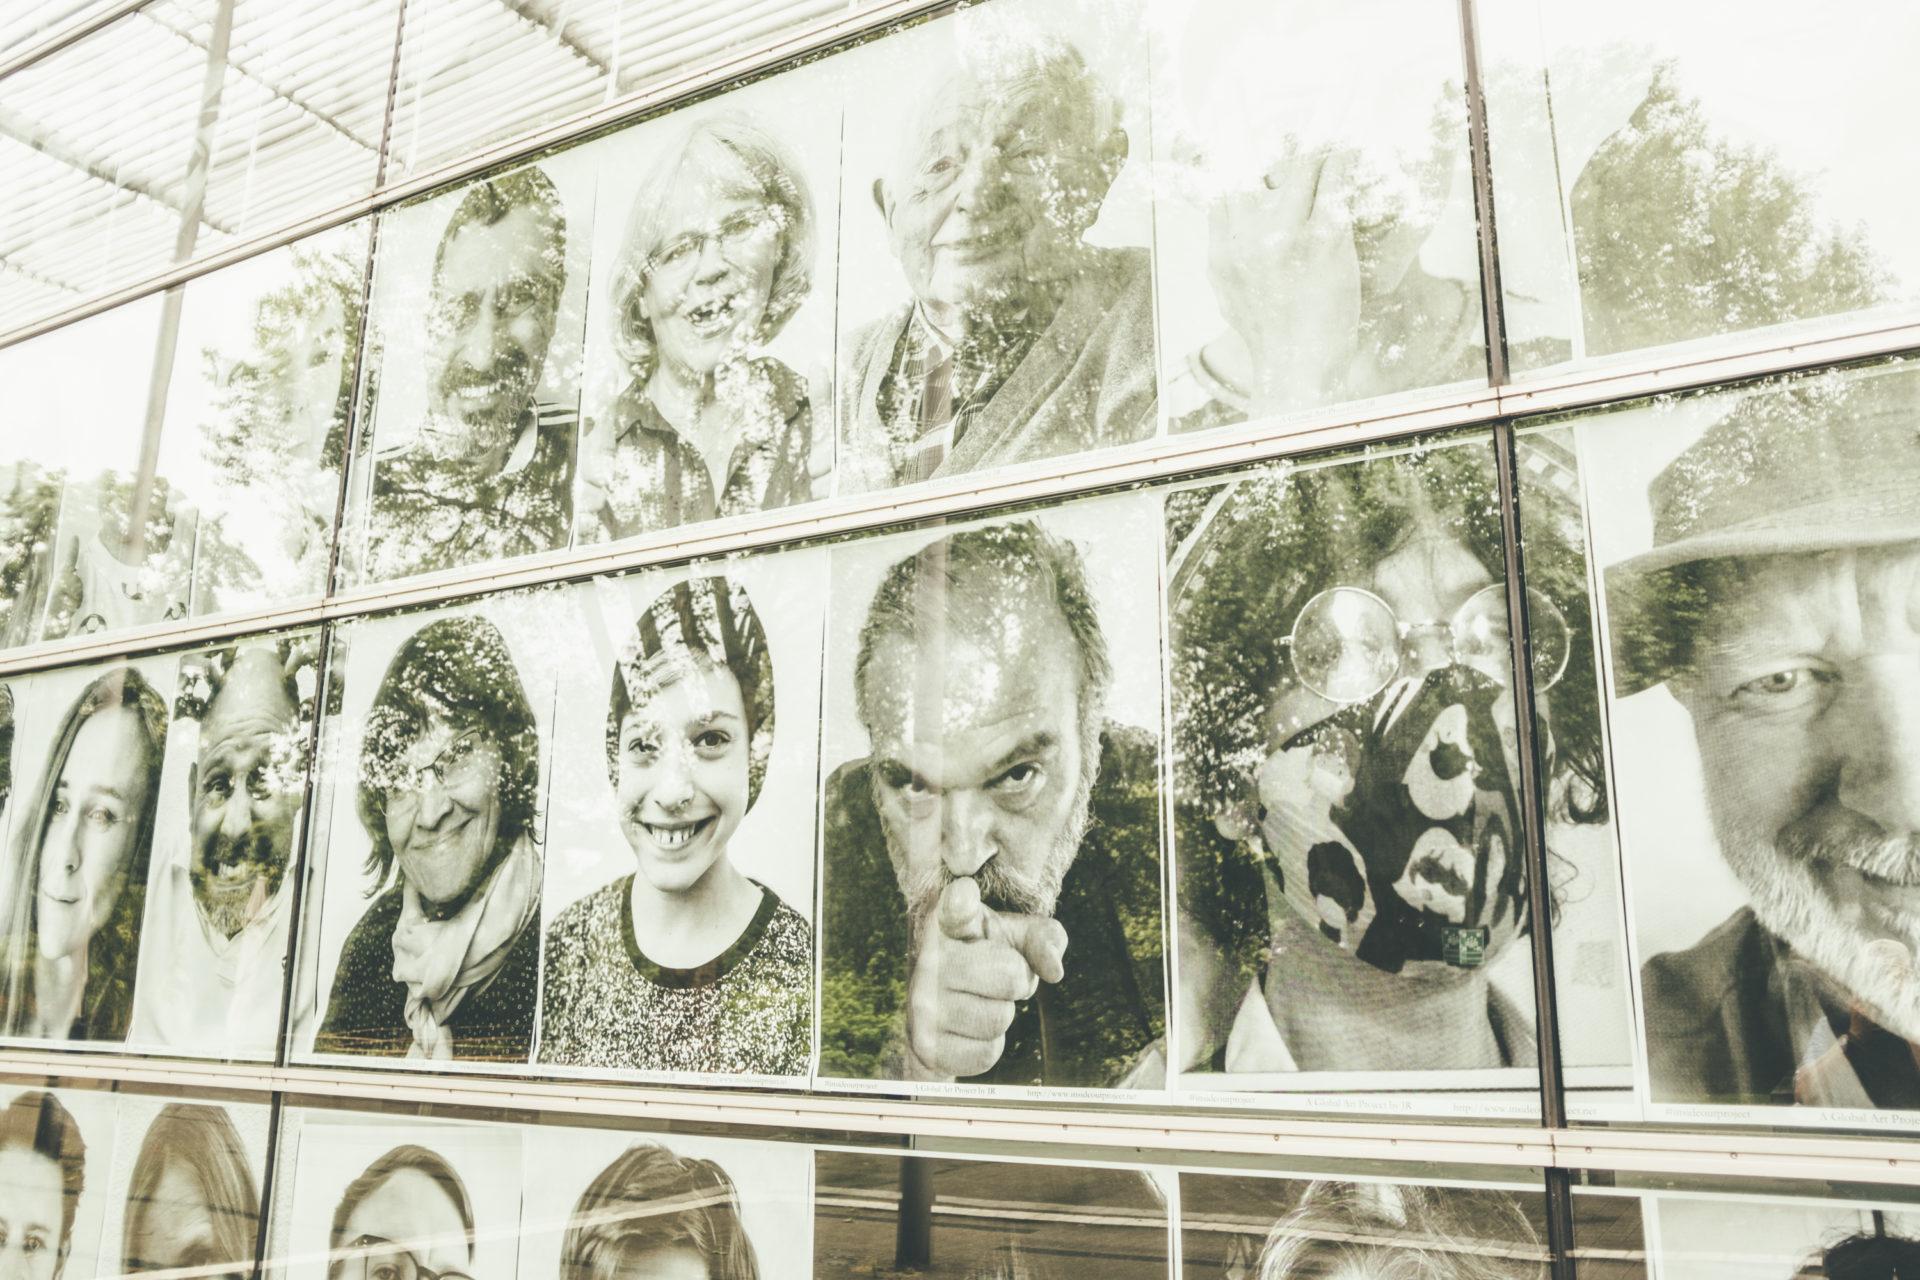 JR - Fotoinstallation: 'Geschichten von 757 Besucher*innen und Künstler*innen der Ruhrfestspiele', Foto: knsye